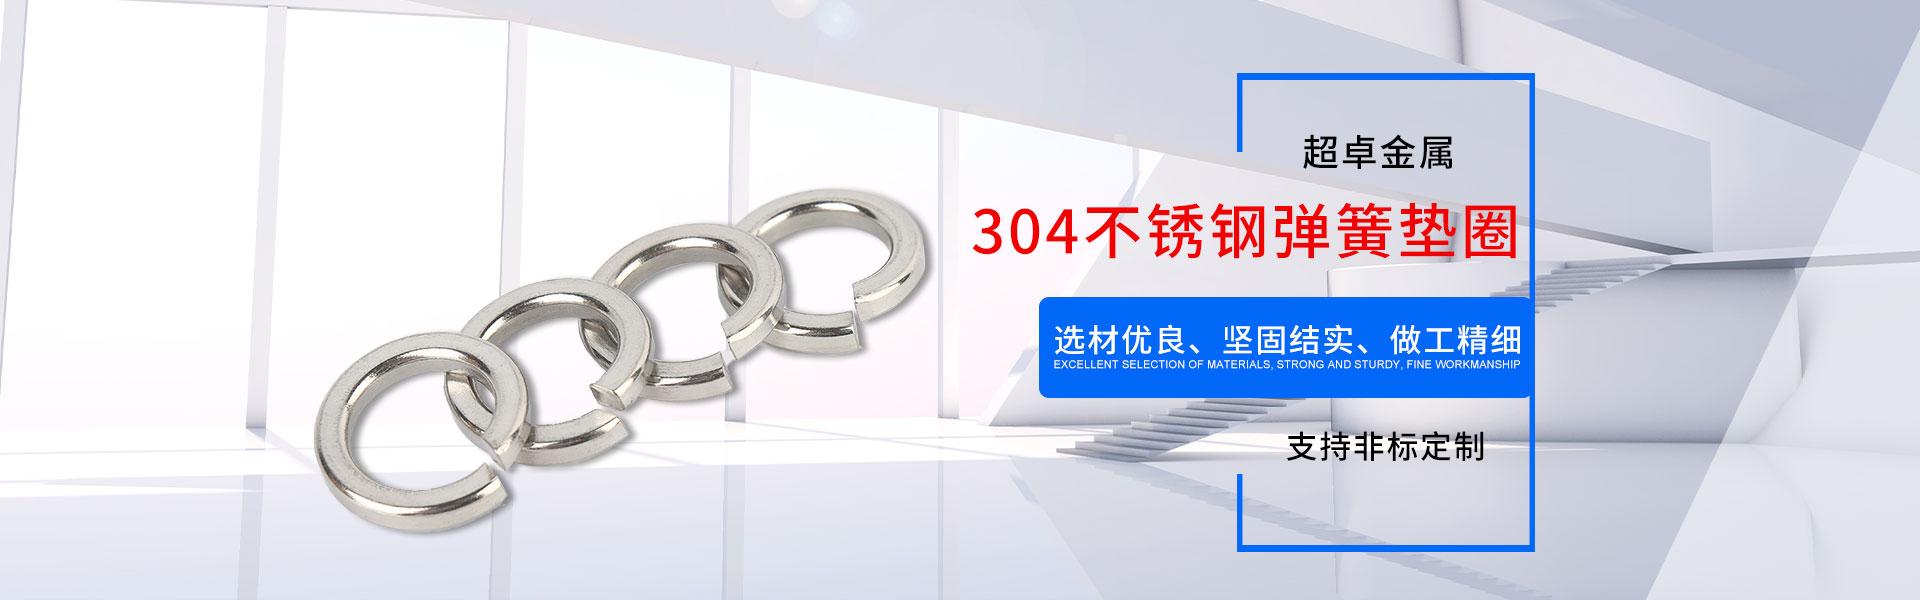 东台市超卓金属制品有限公司